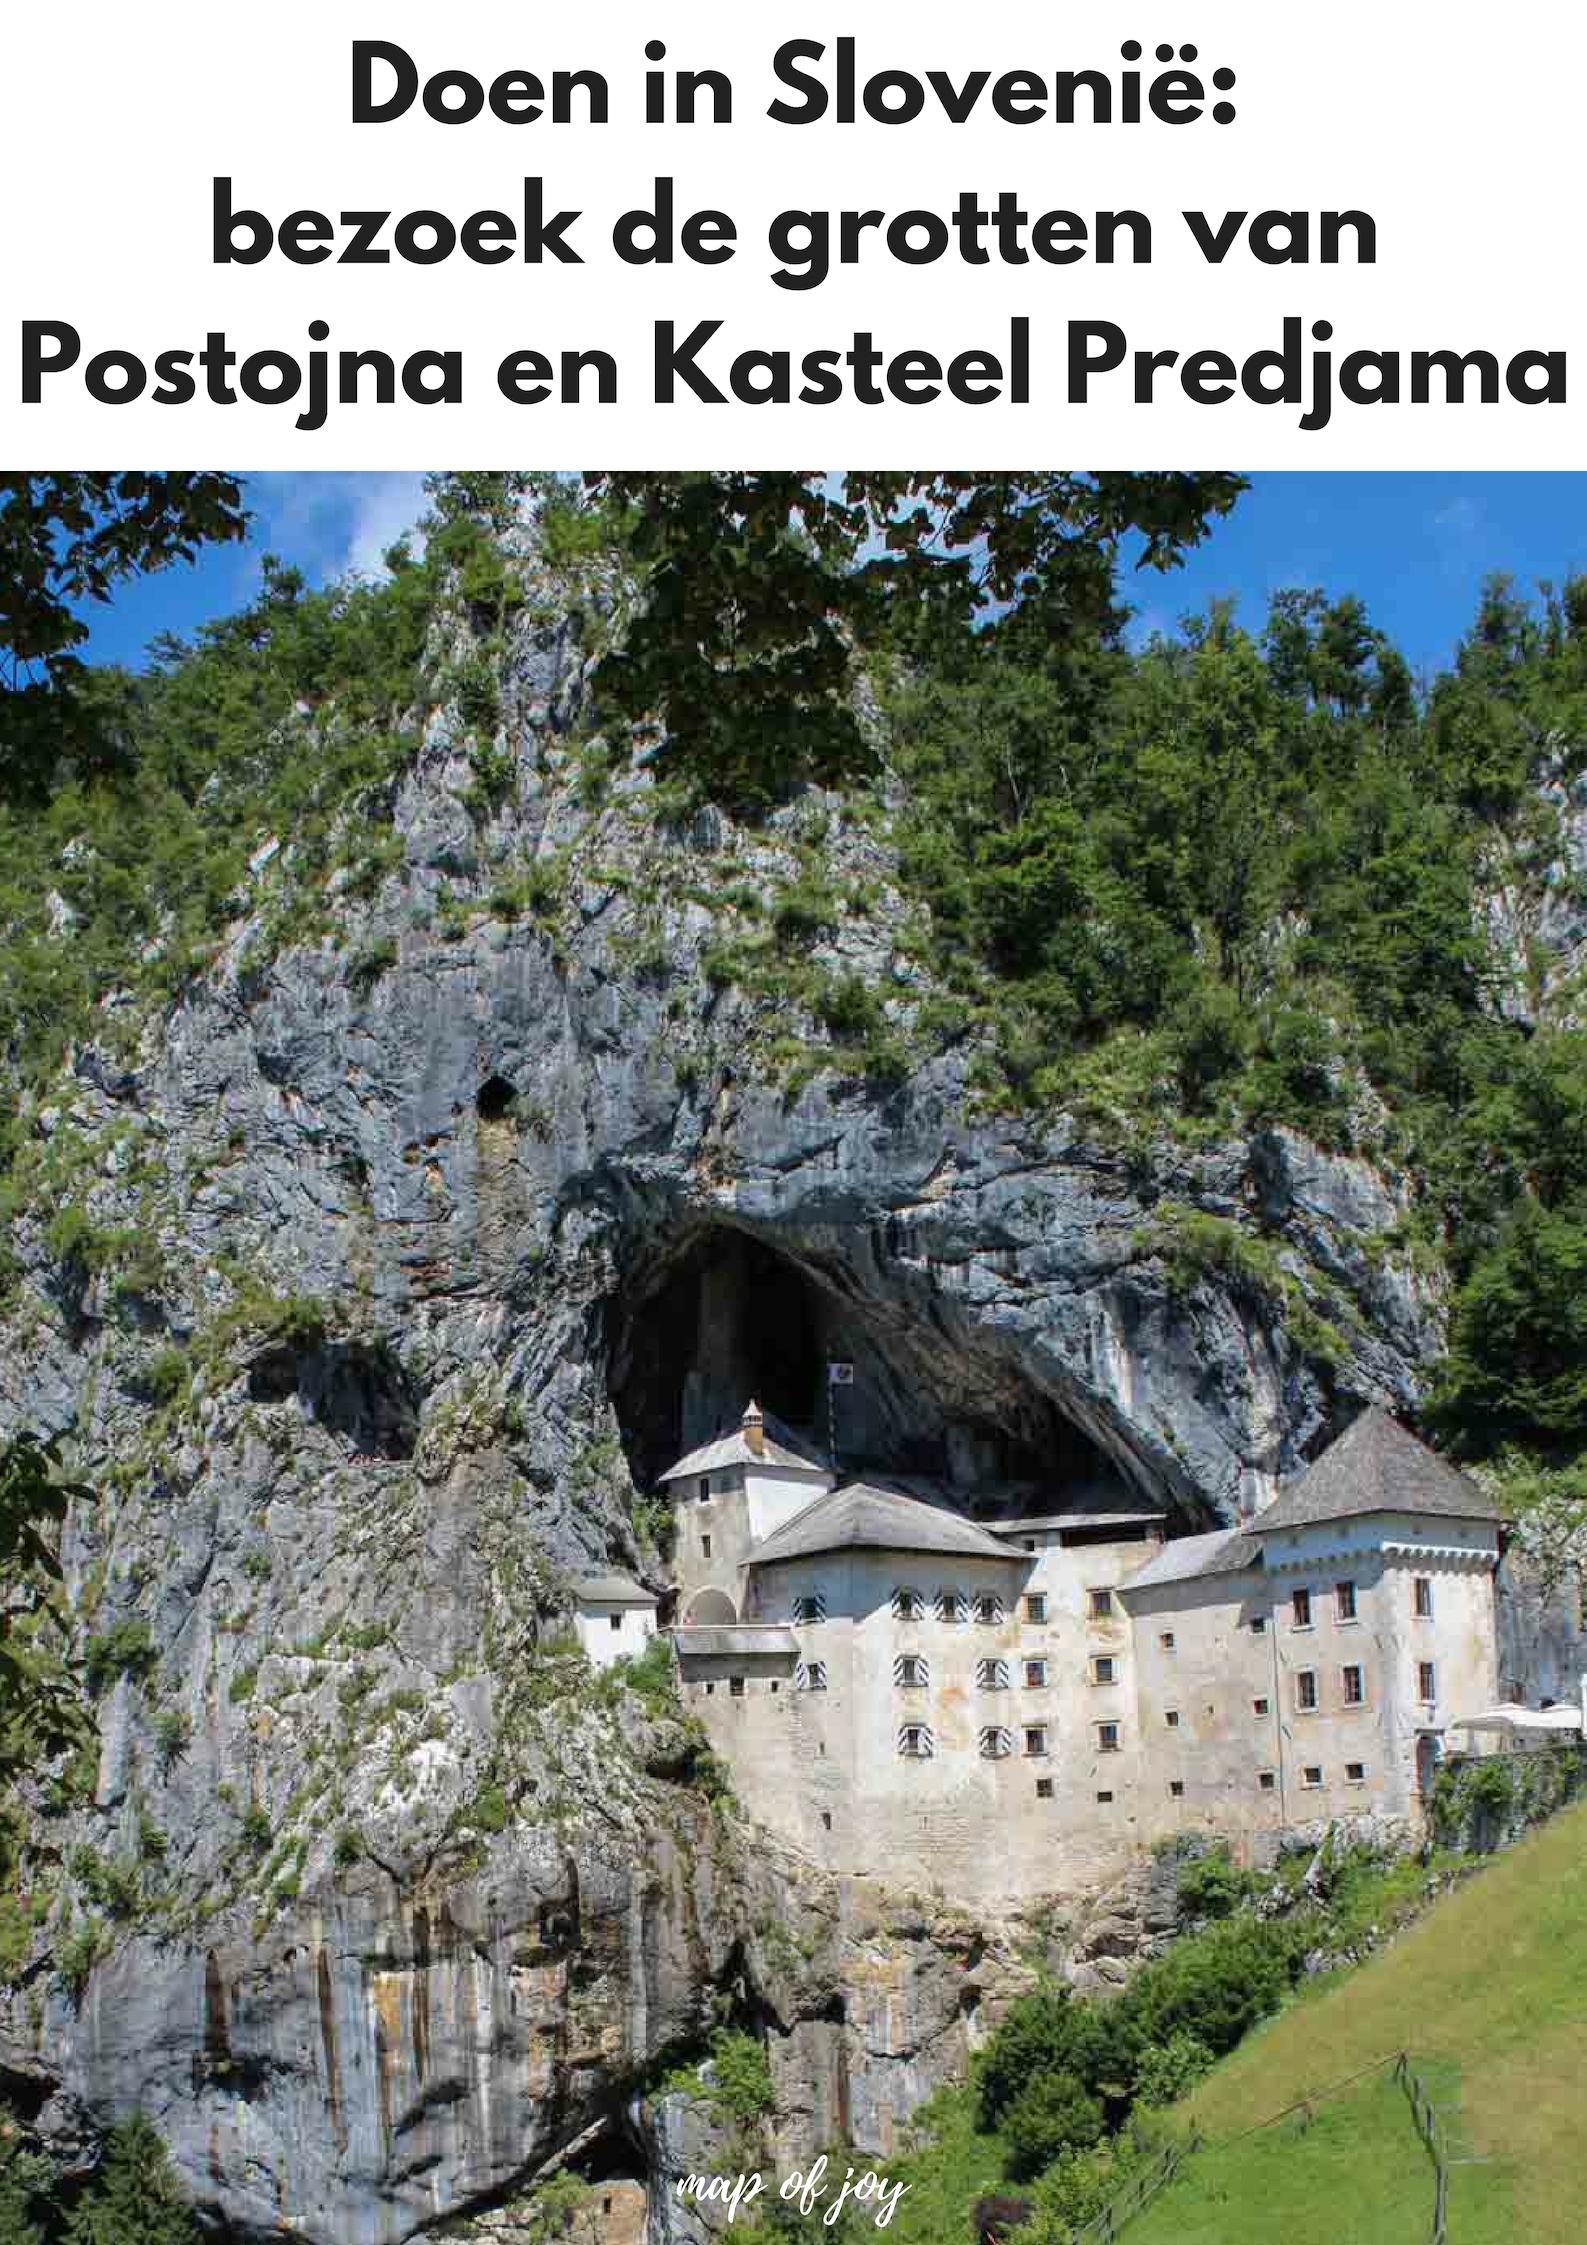 Doen in Slovenië, bezoek de grotten van Postojna en Kasteel Predjama - Map of Joy